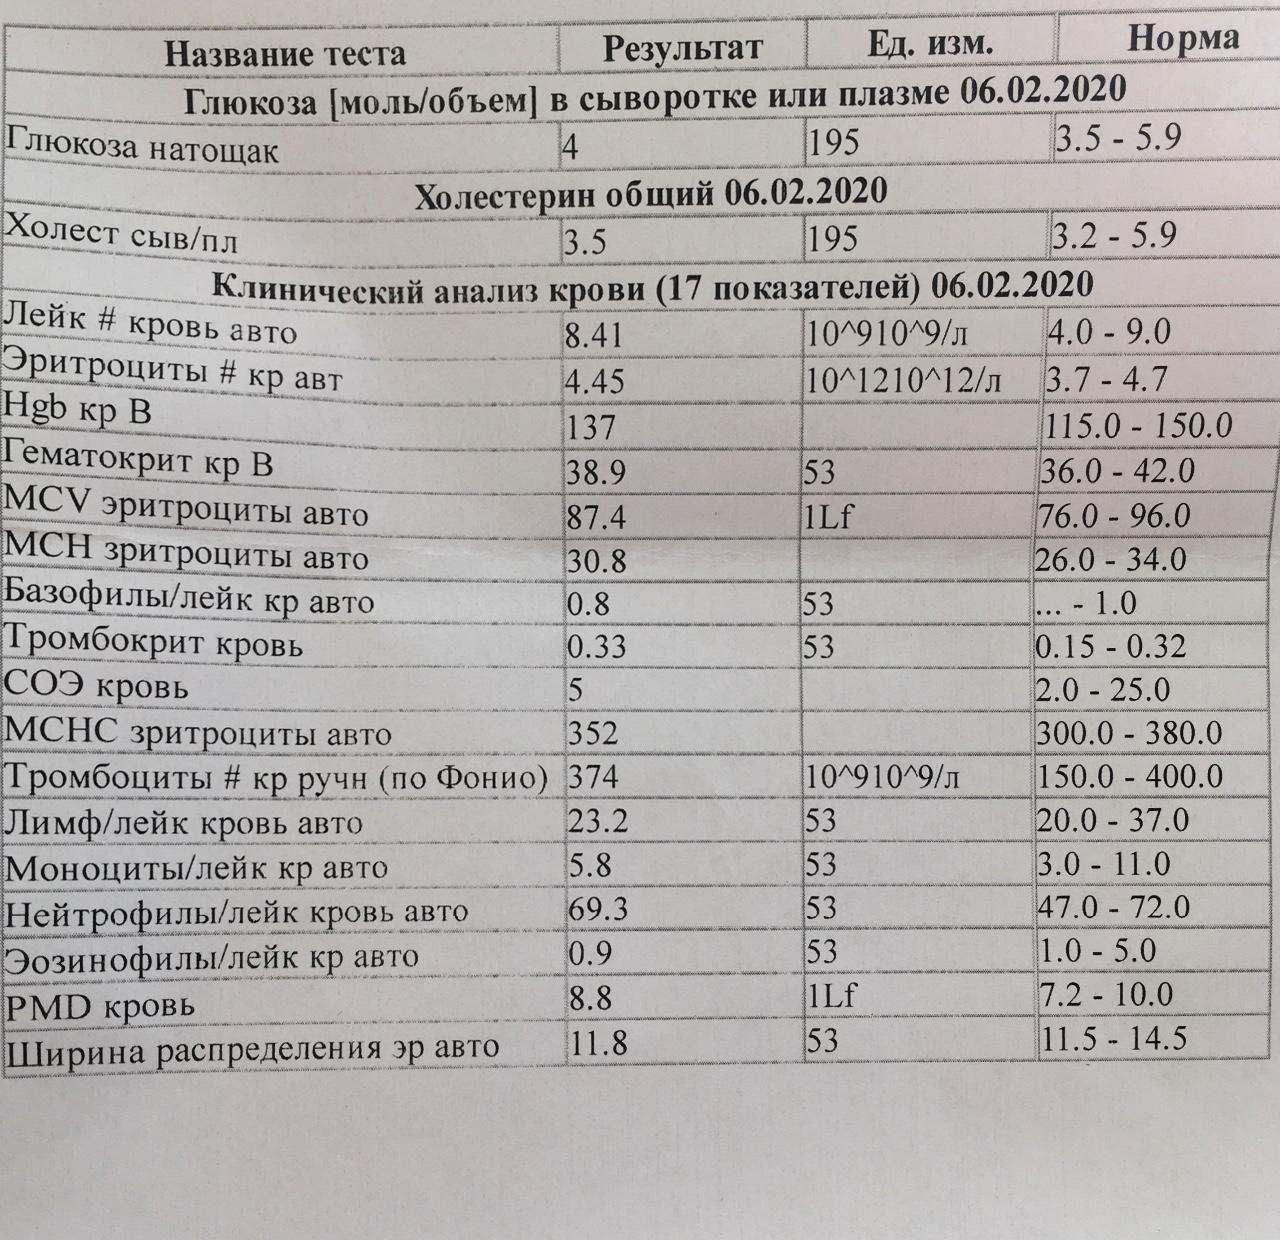 Анализу крови определить пневмонию бронхит по хвощем лечение полевым цистита